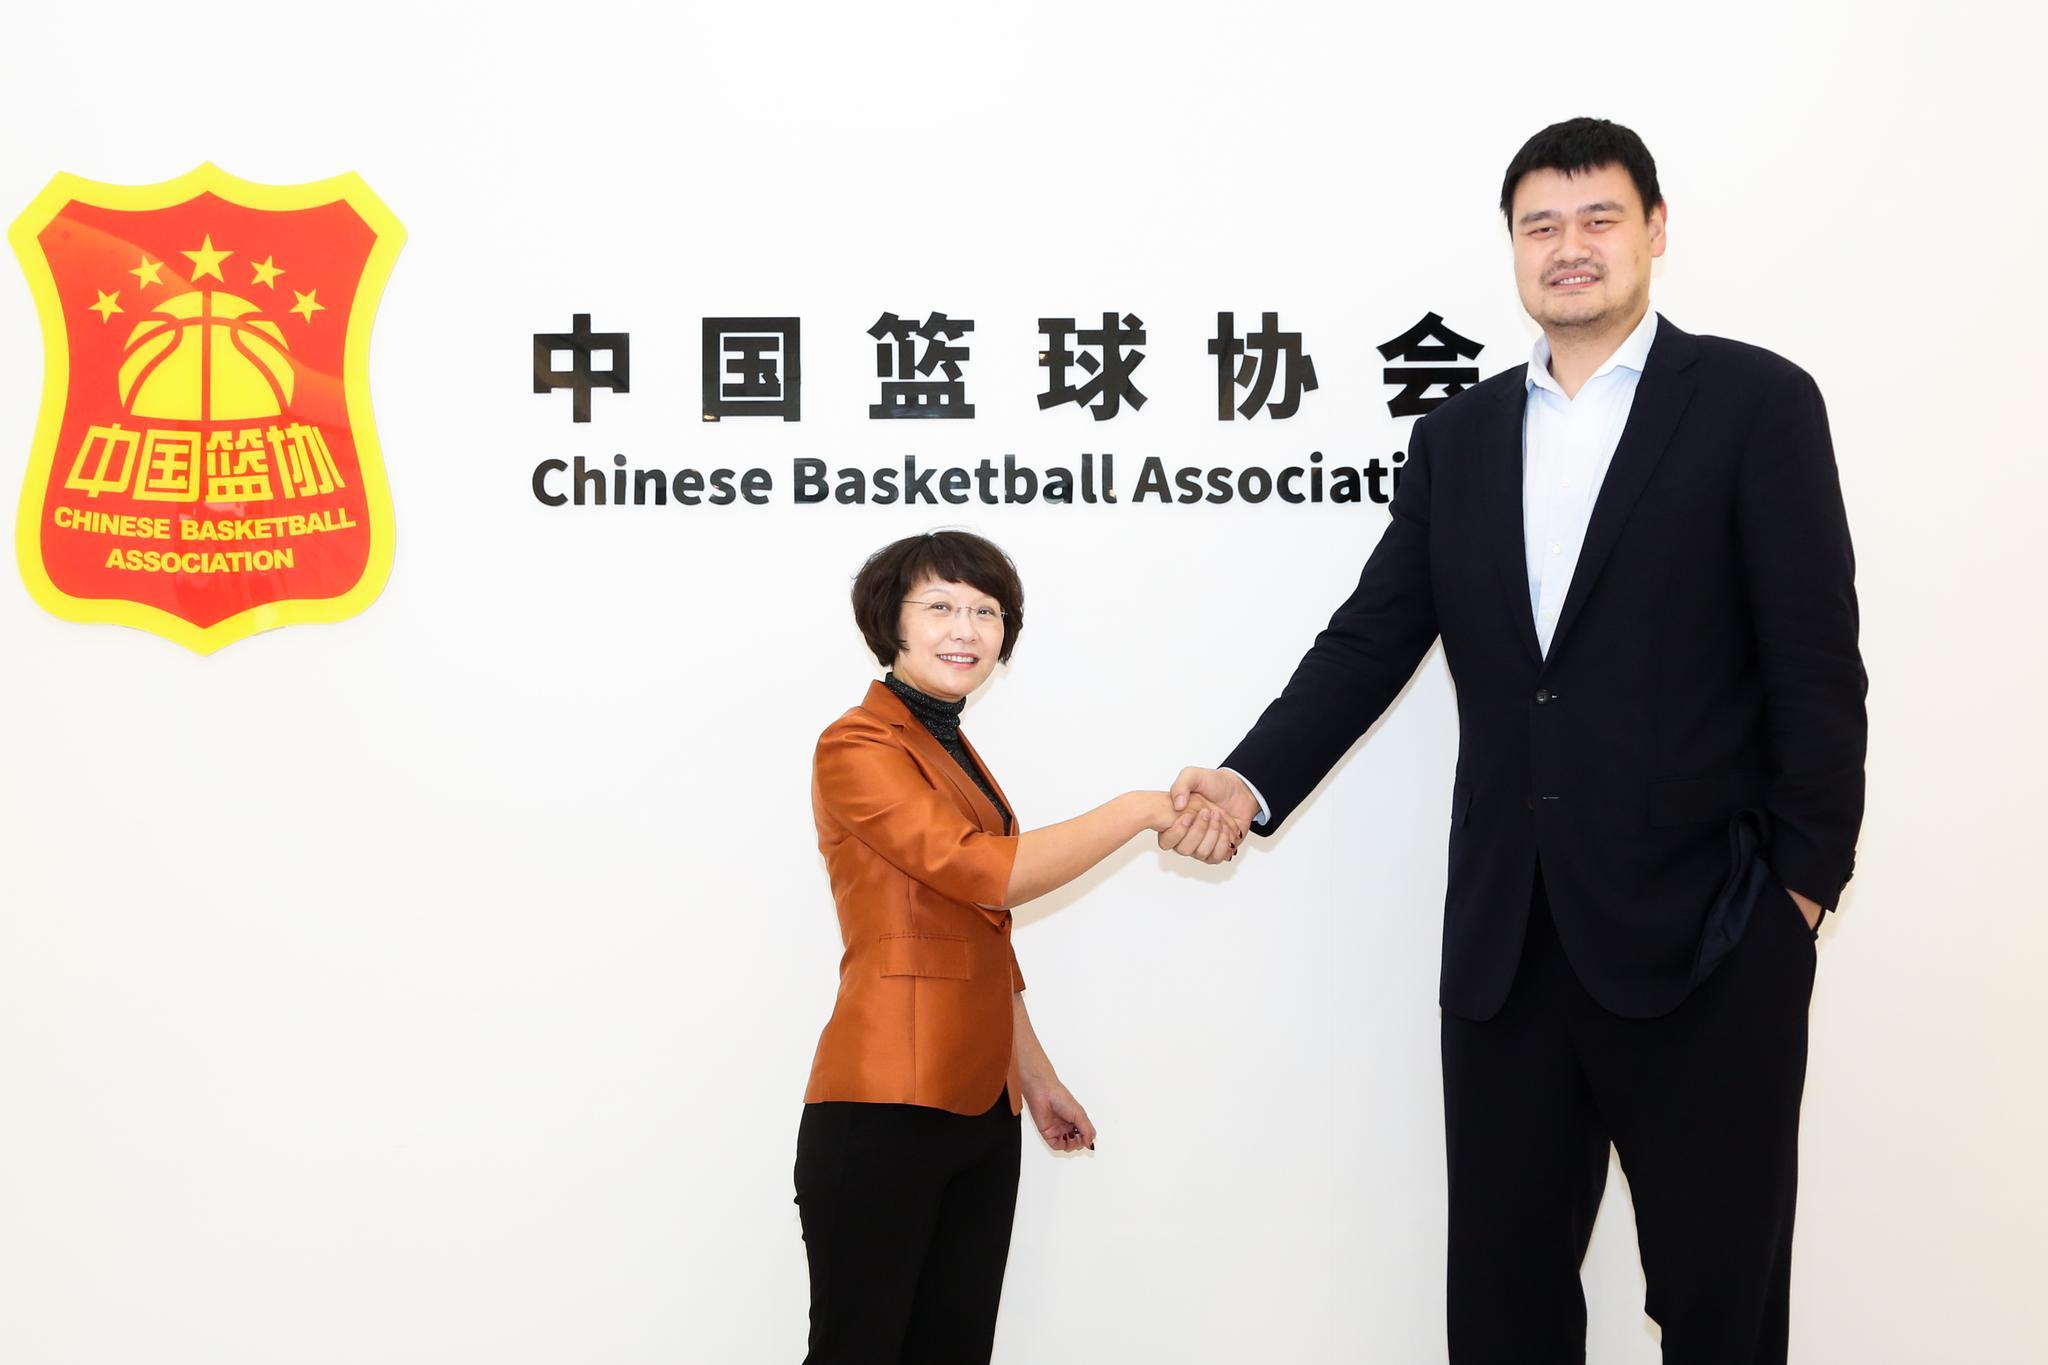 中国篮协与盈方完成续约,合作延续到2024年